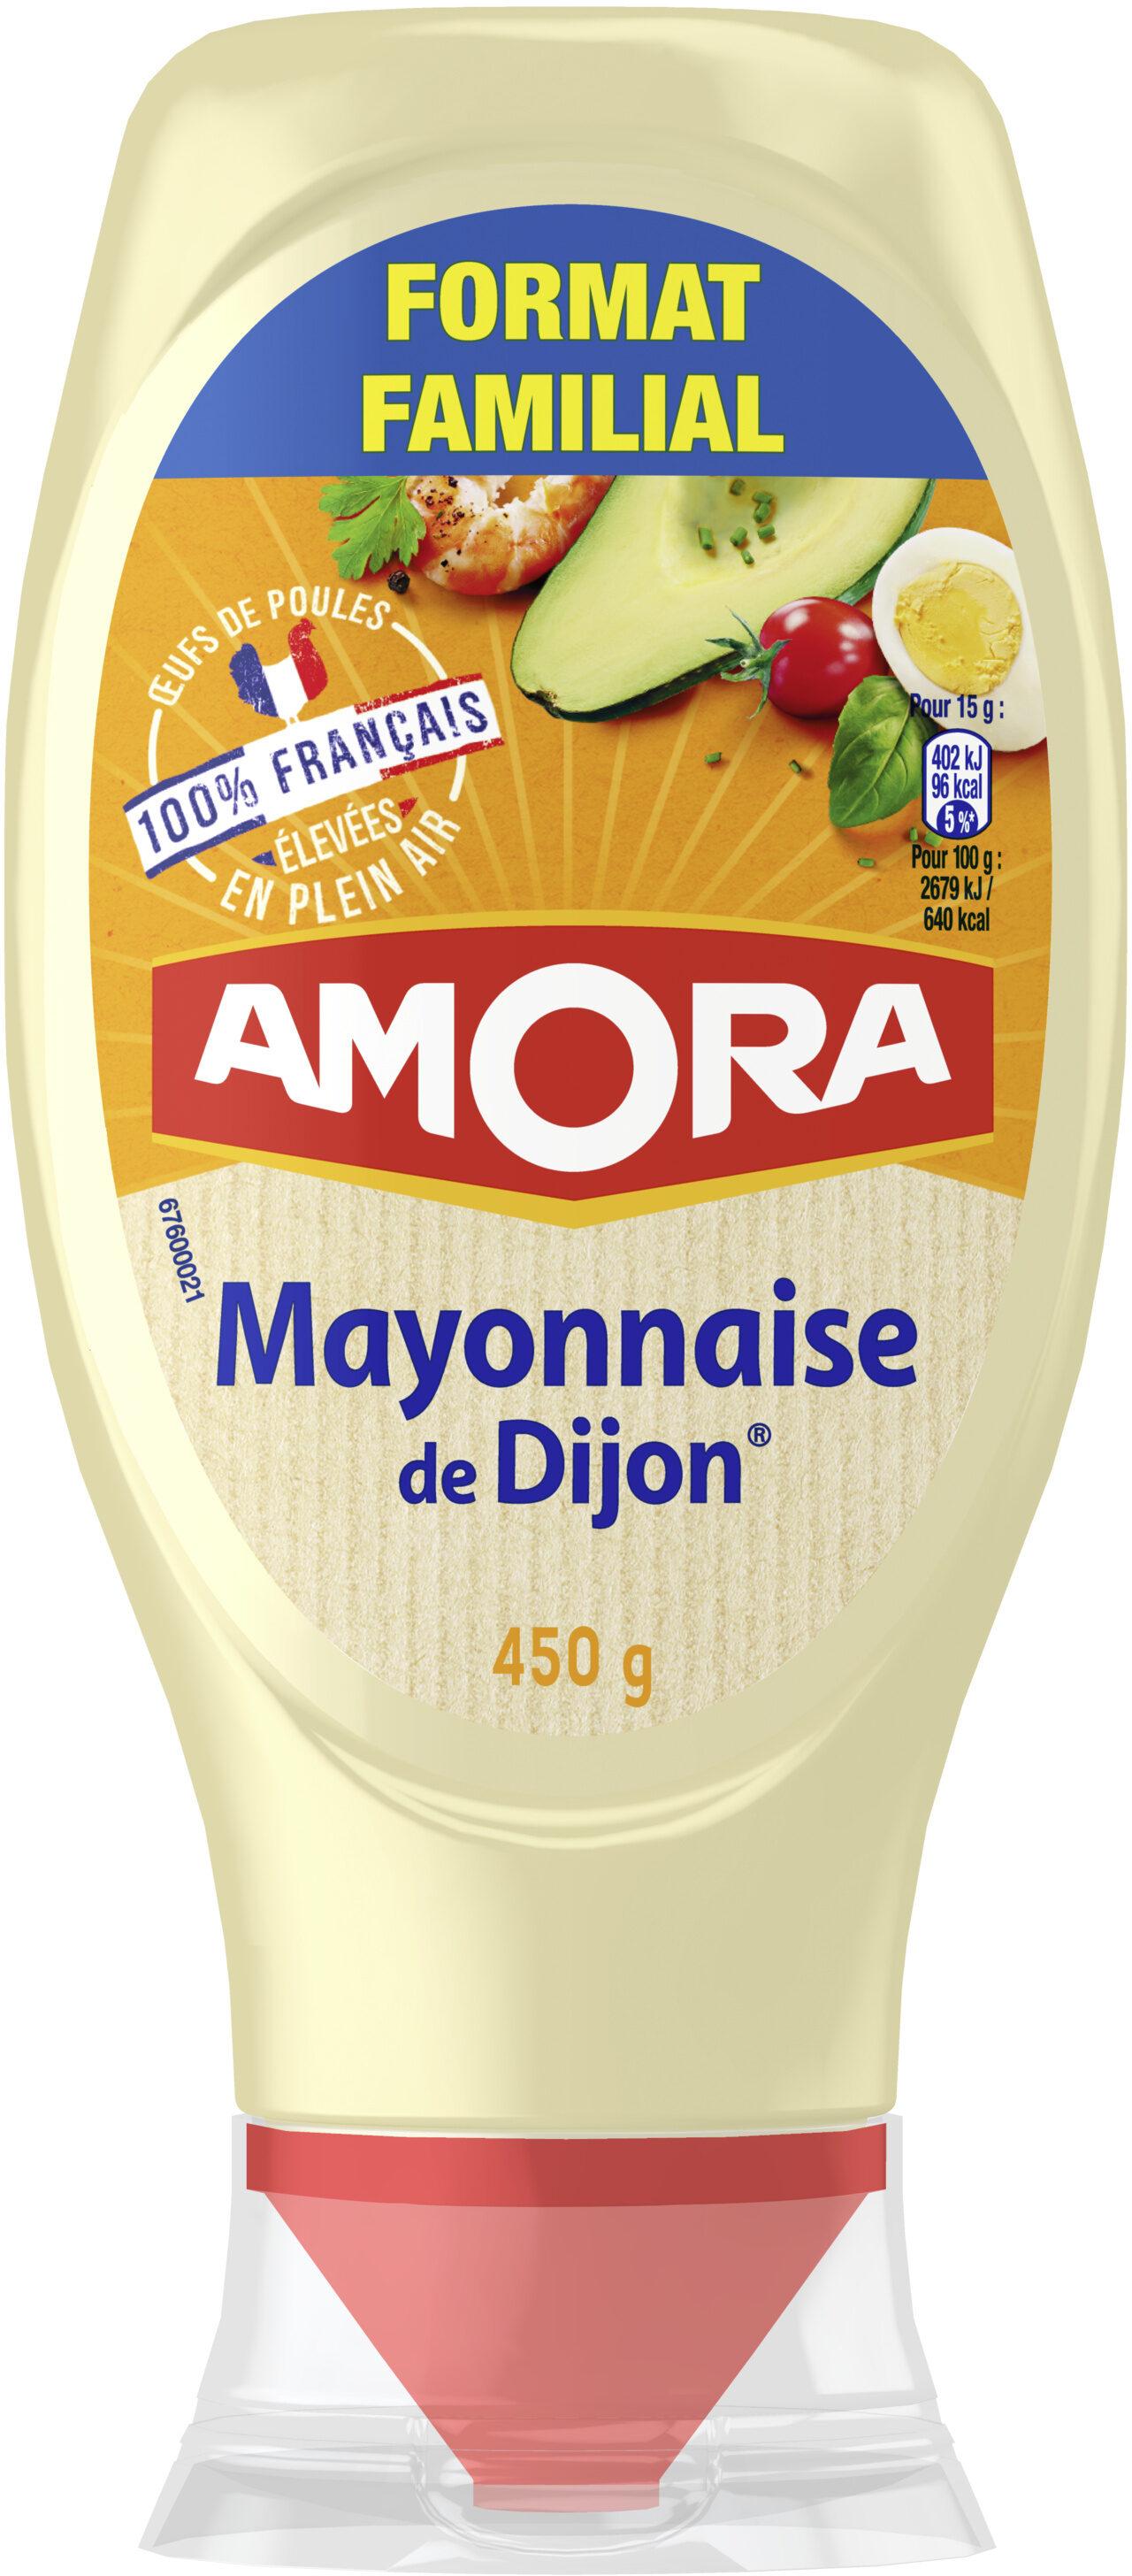 Amora Mayonnaise Dijon Nature Œufs Français Flacon Souple 450g Format Familial - Produit - fr